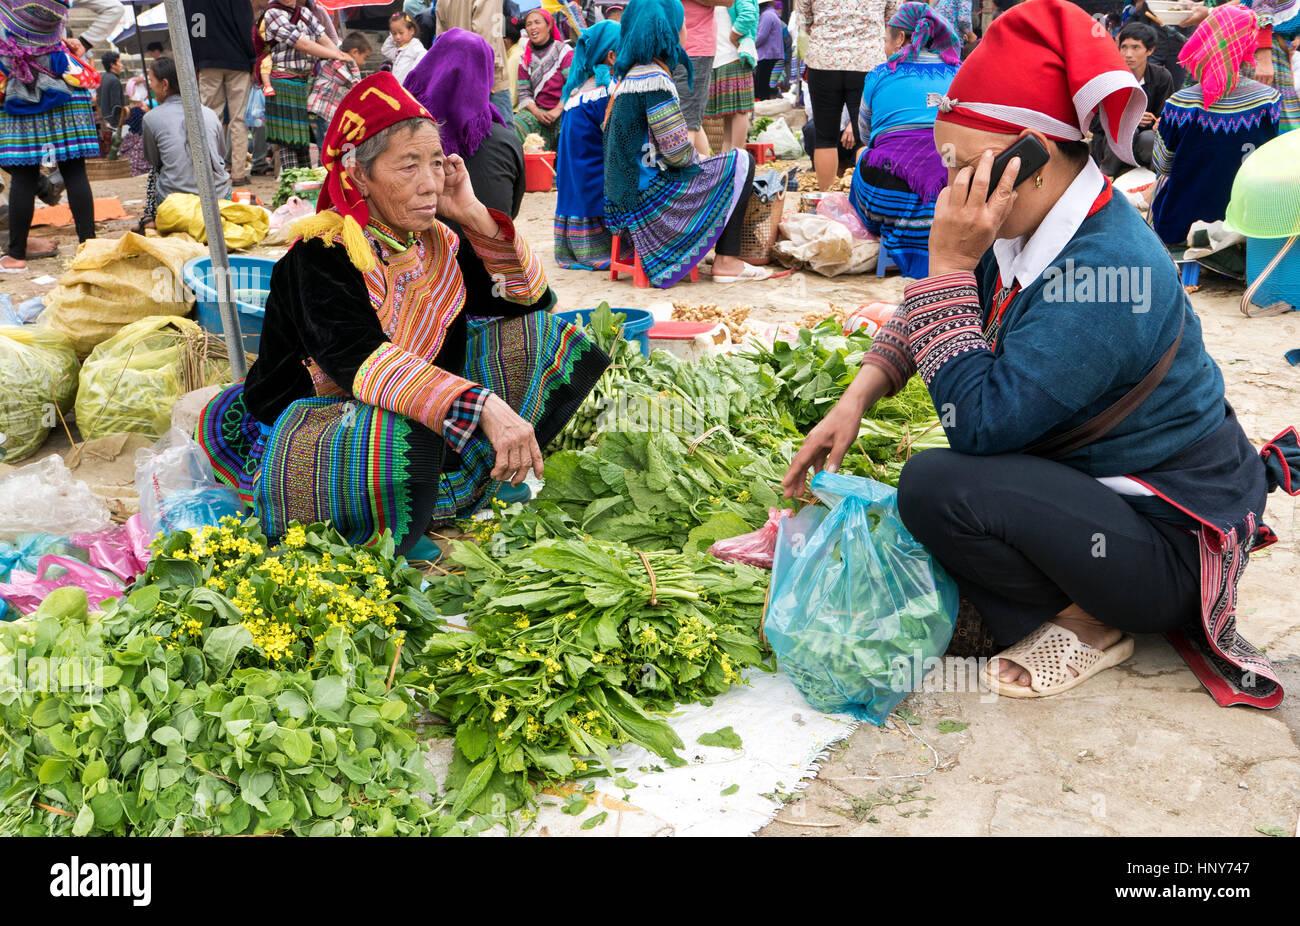 Femme Hmong de vendre ses légumes cultivés sur place, marché des producteurs, le client à l'aide Photo Stock